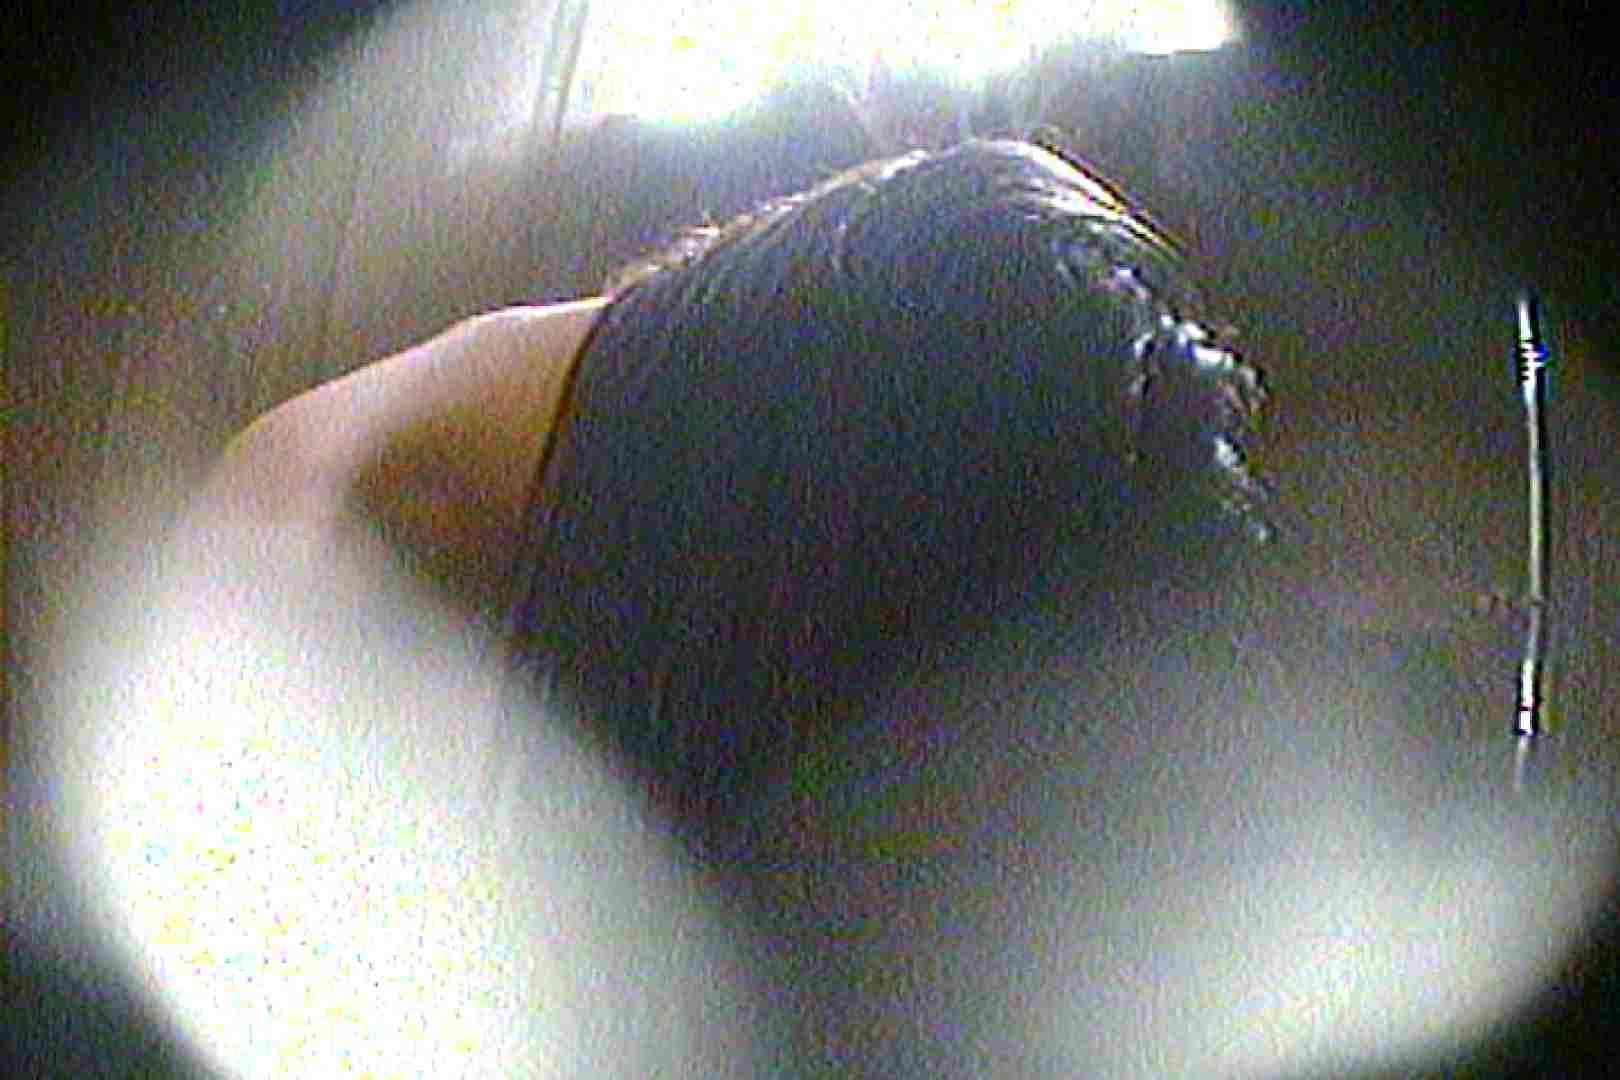 海の家の更衣室 Vol.61 美女 盗撮オマンコ無修正動画無料 62pic 11